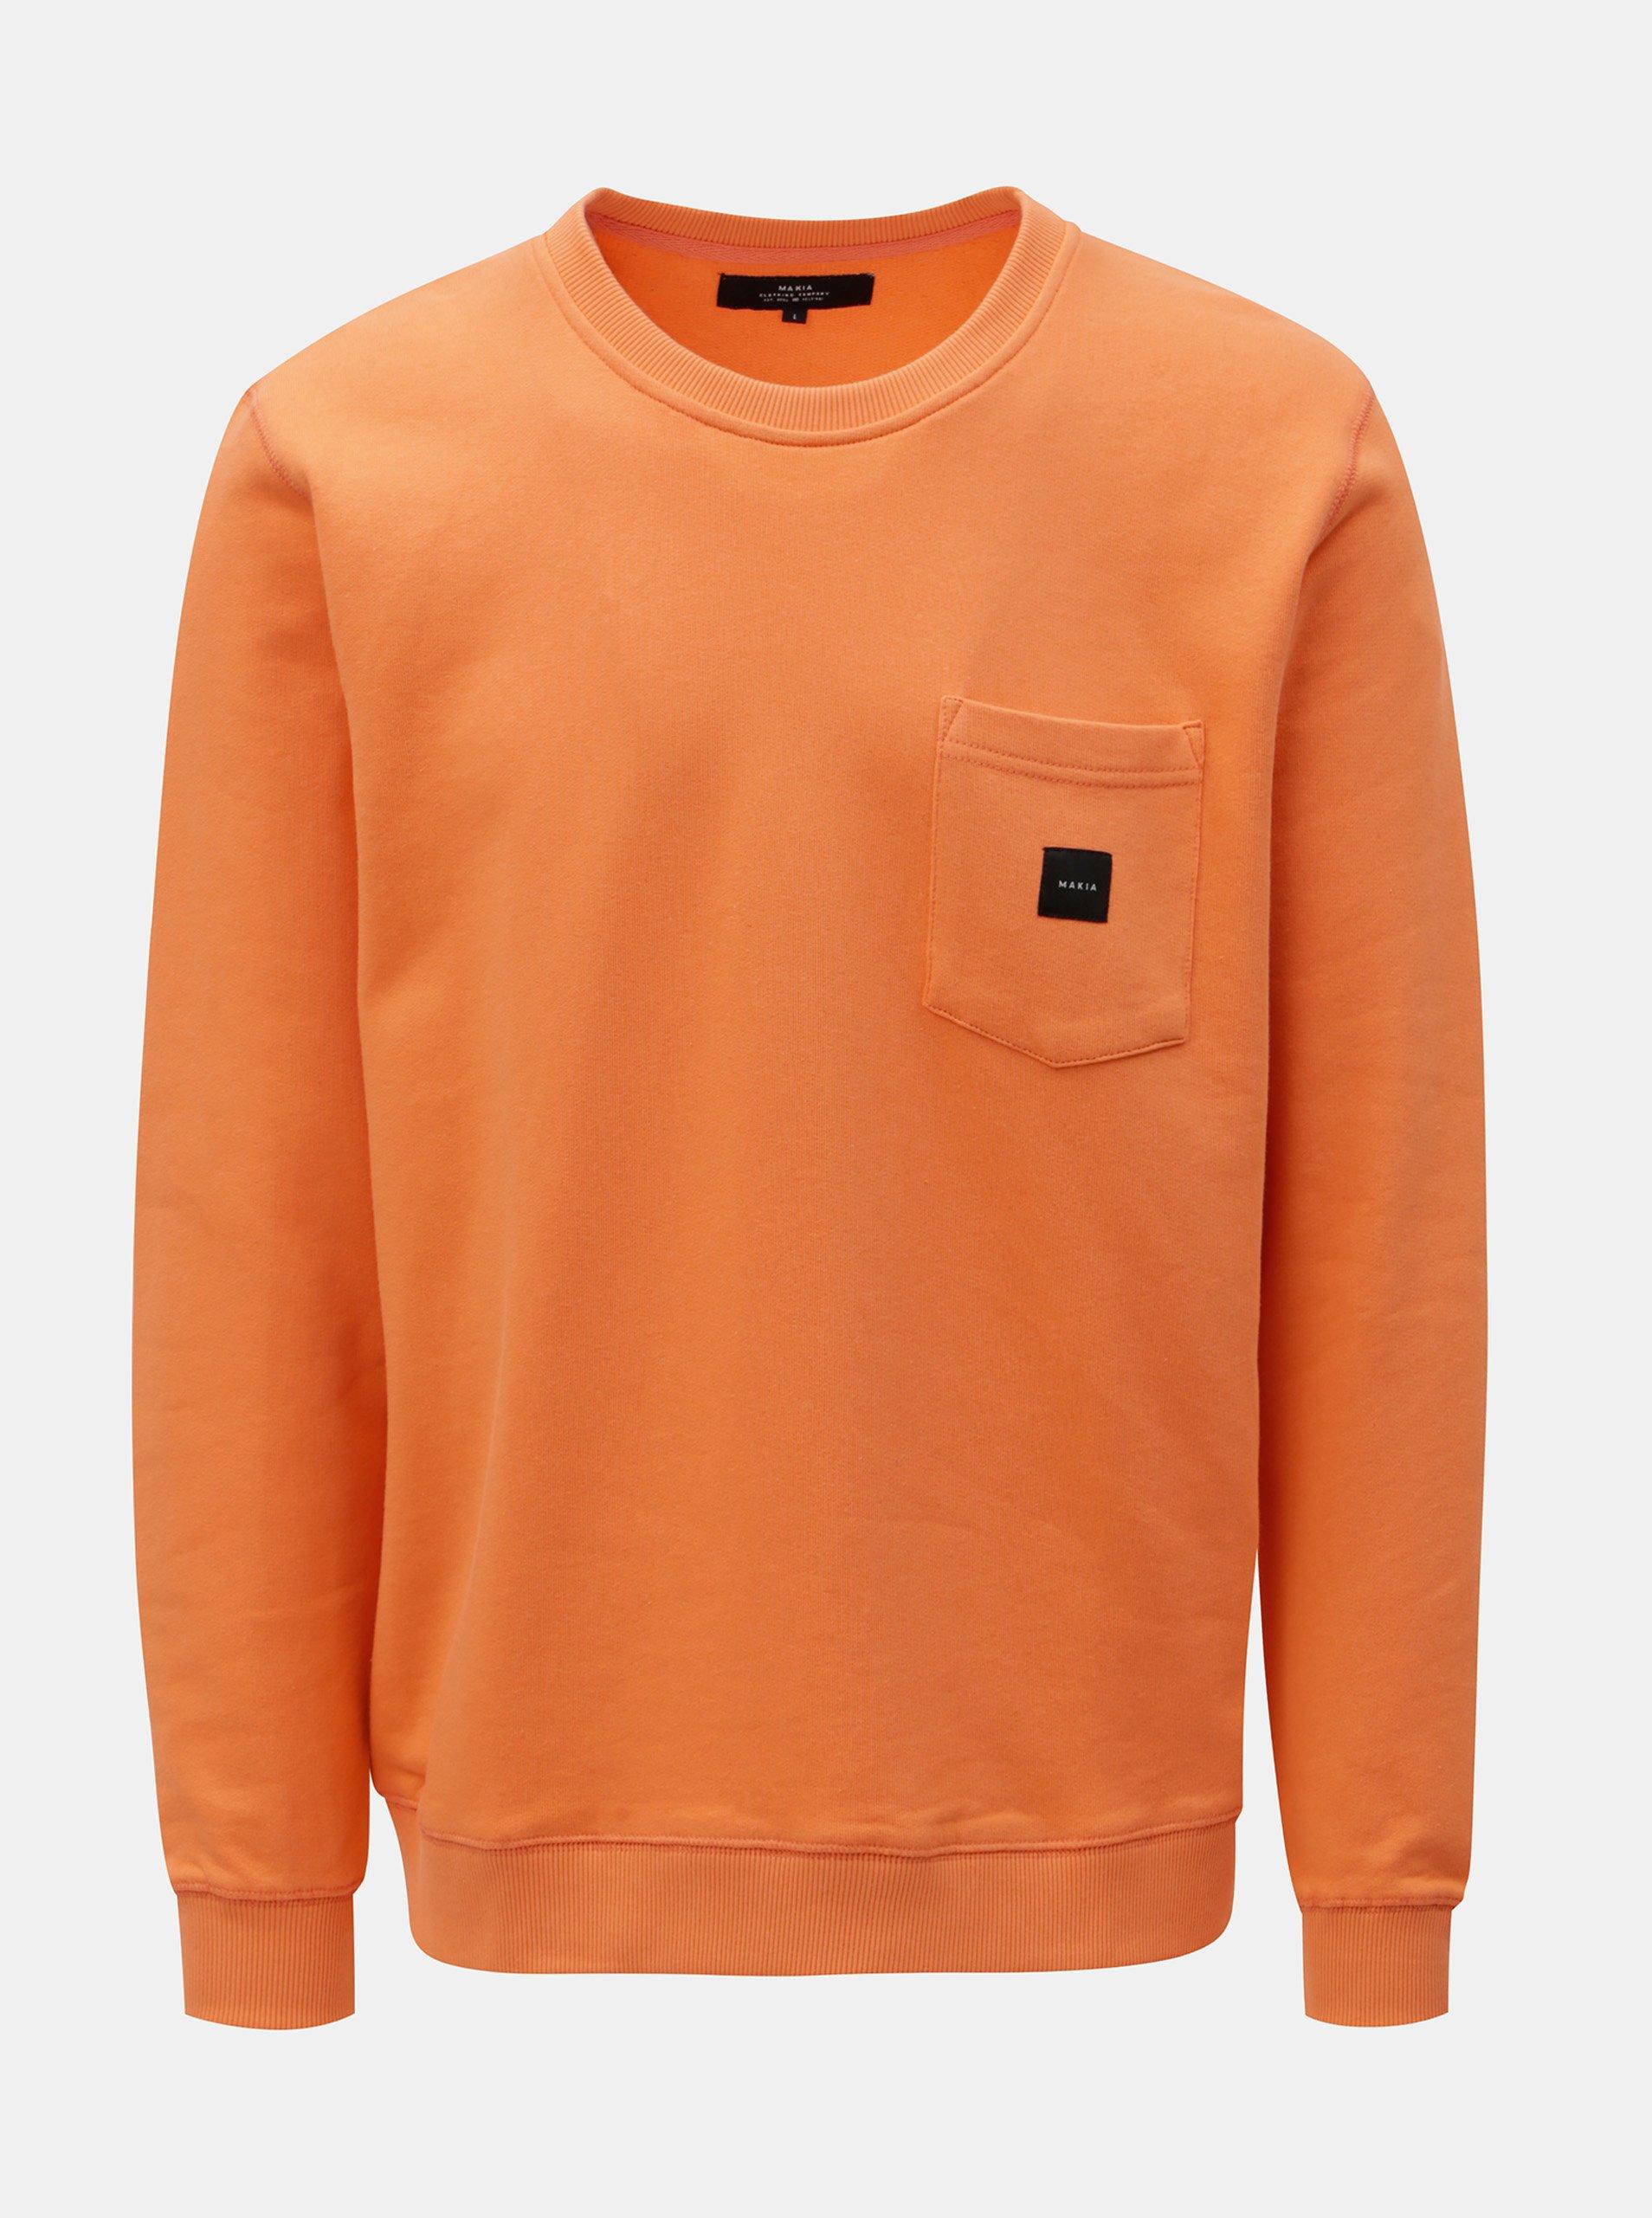 Oranžová mikina s náprsní kapsou Makia Sguare Pocket 940254a19c